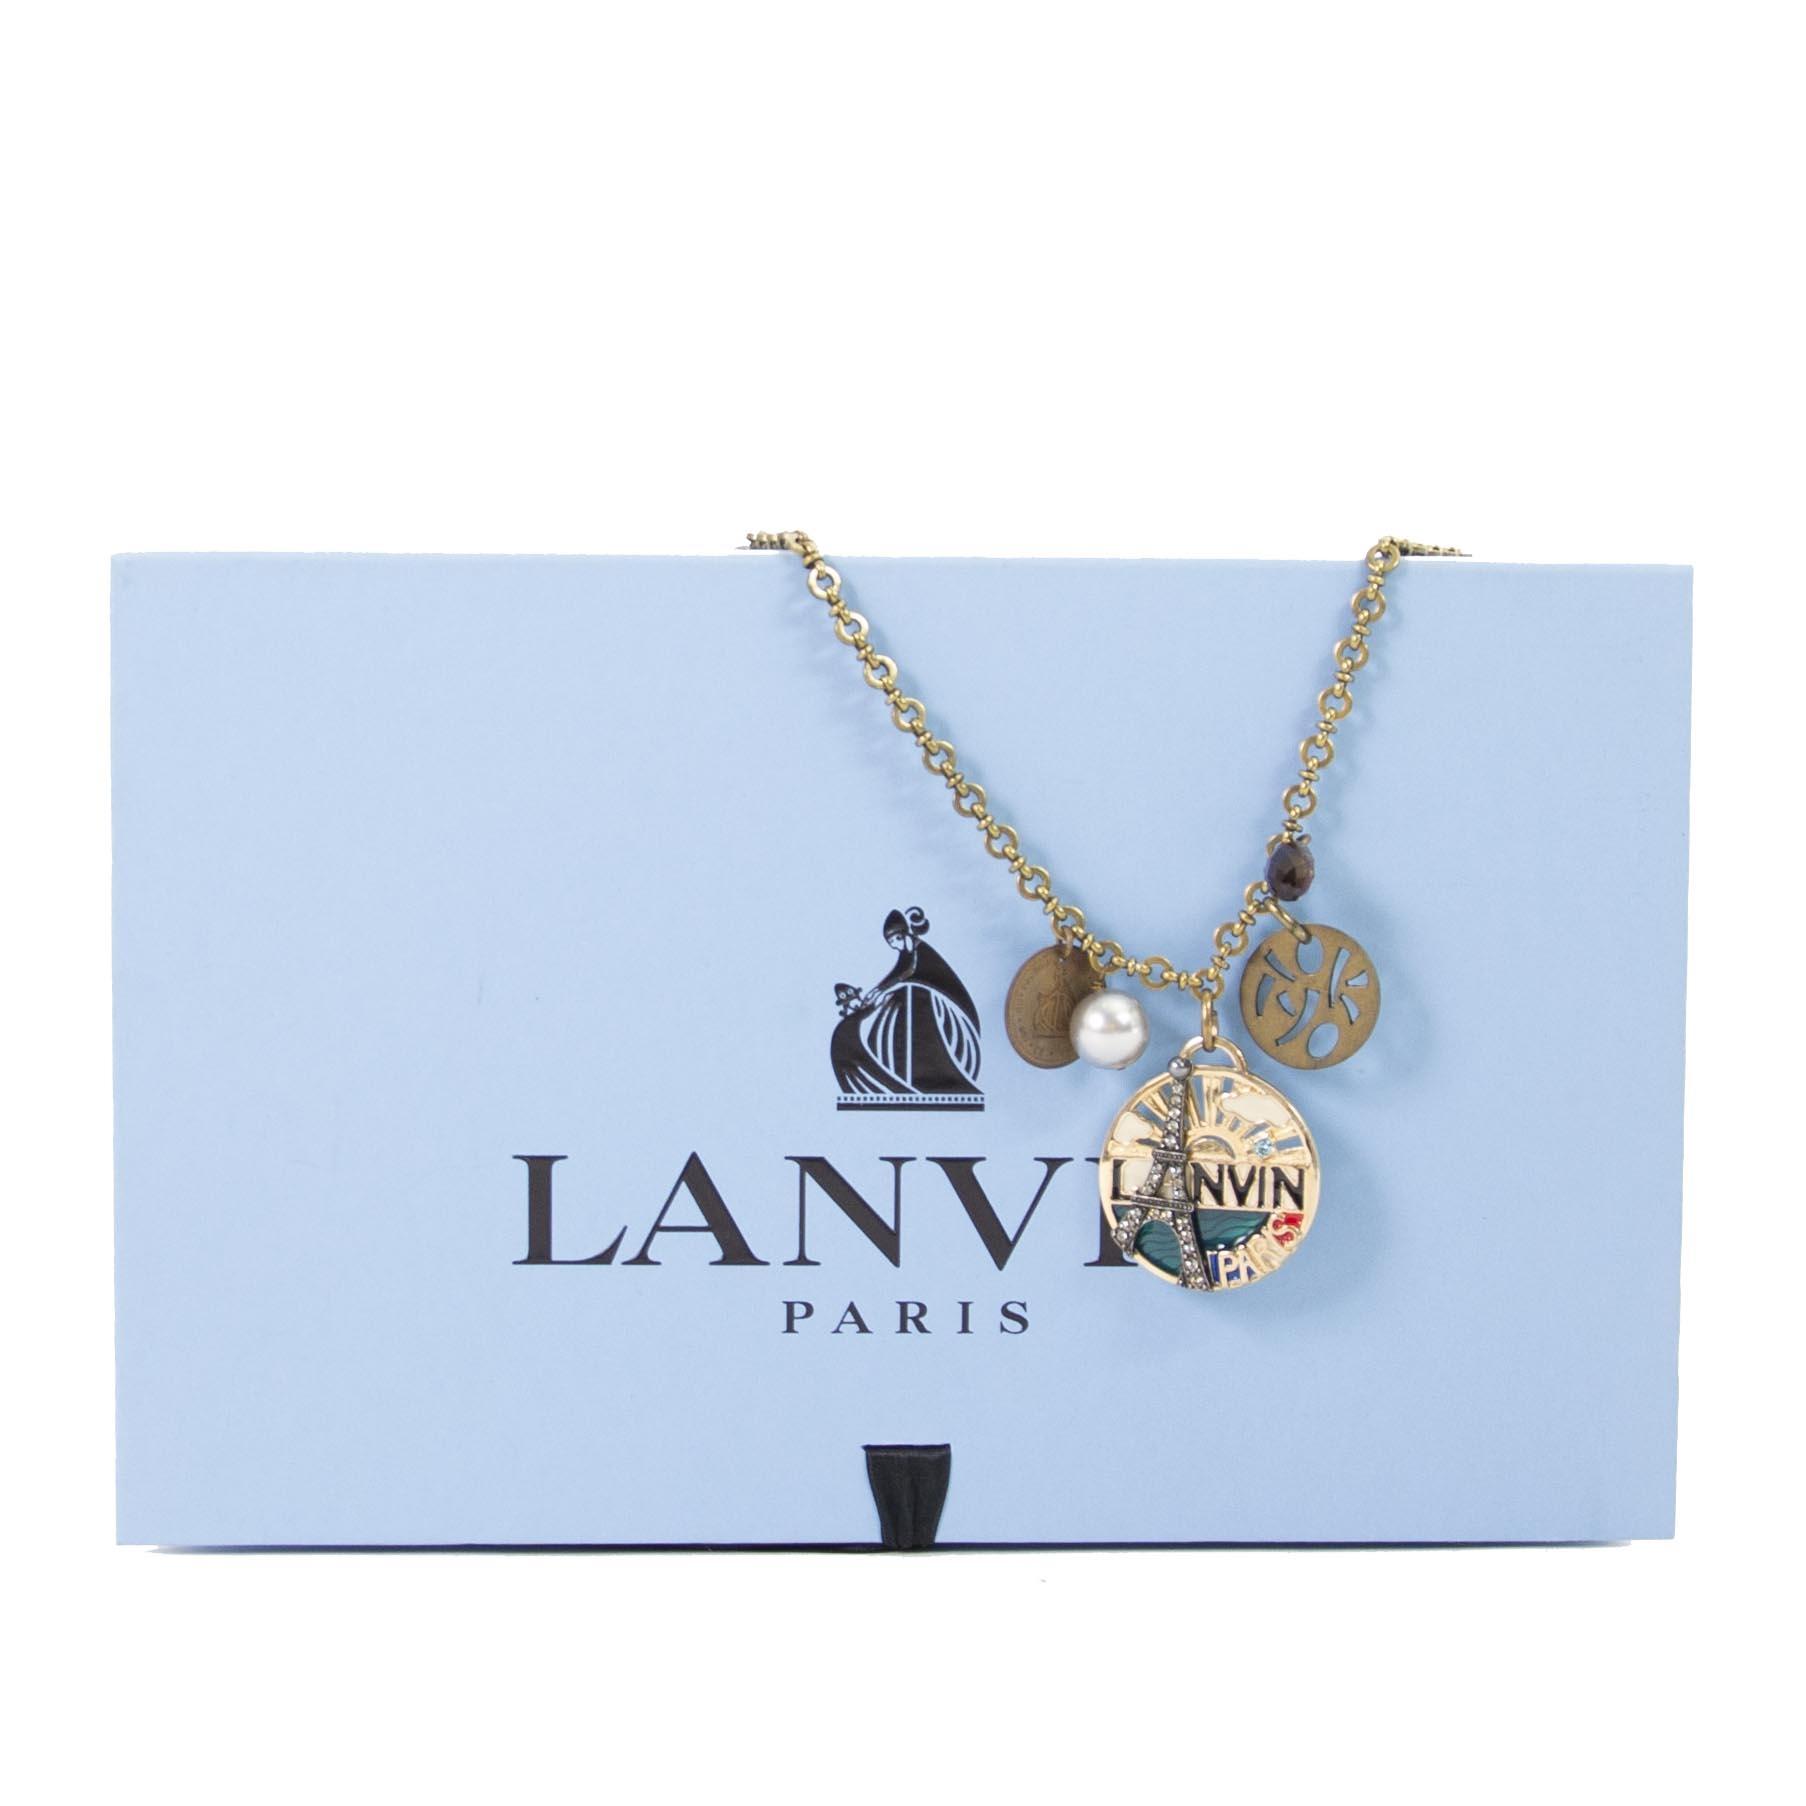 lanvin eiffel toren parijs ketting nu te koop bij labellov vintage mode webshop antwerpen belgie